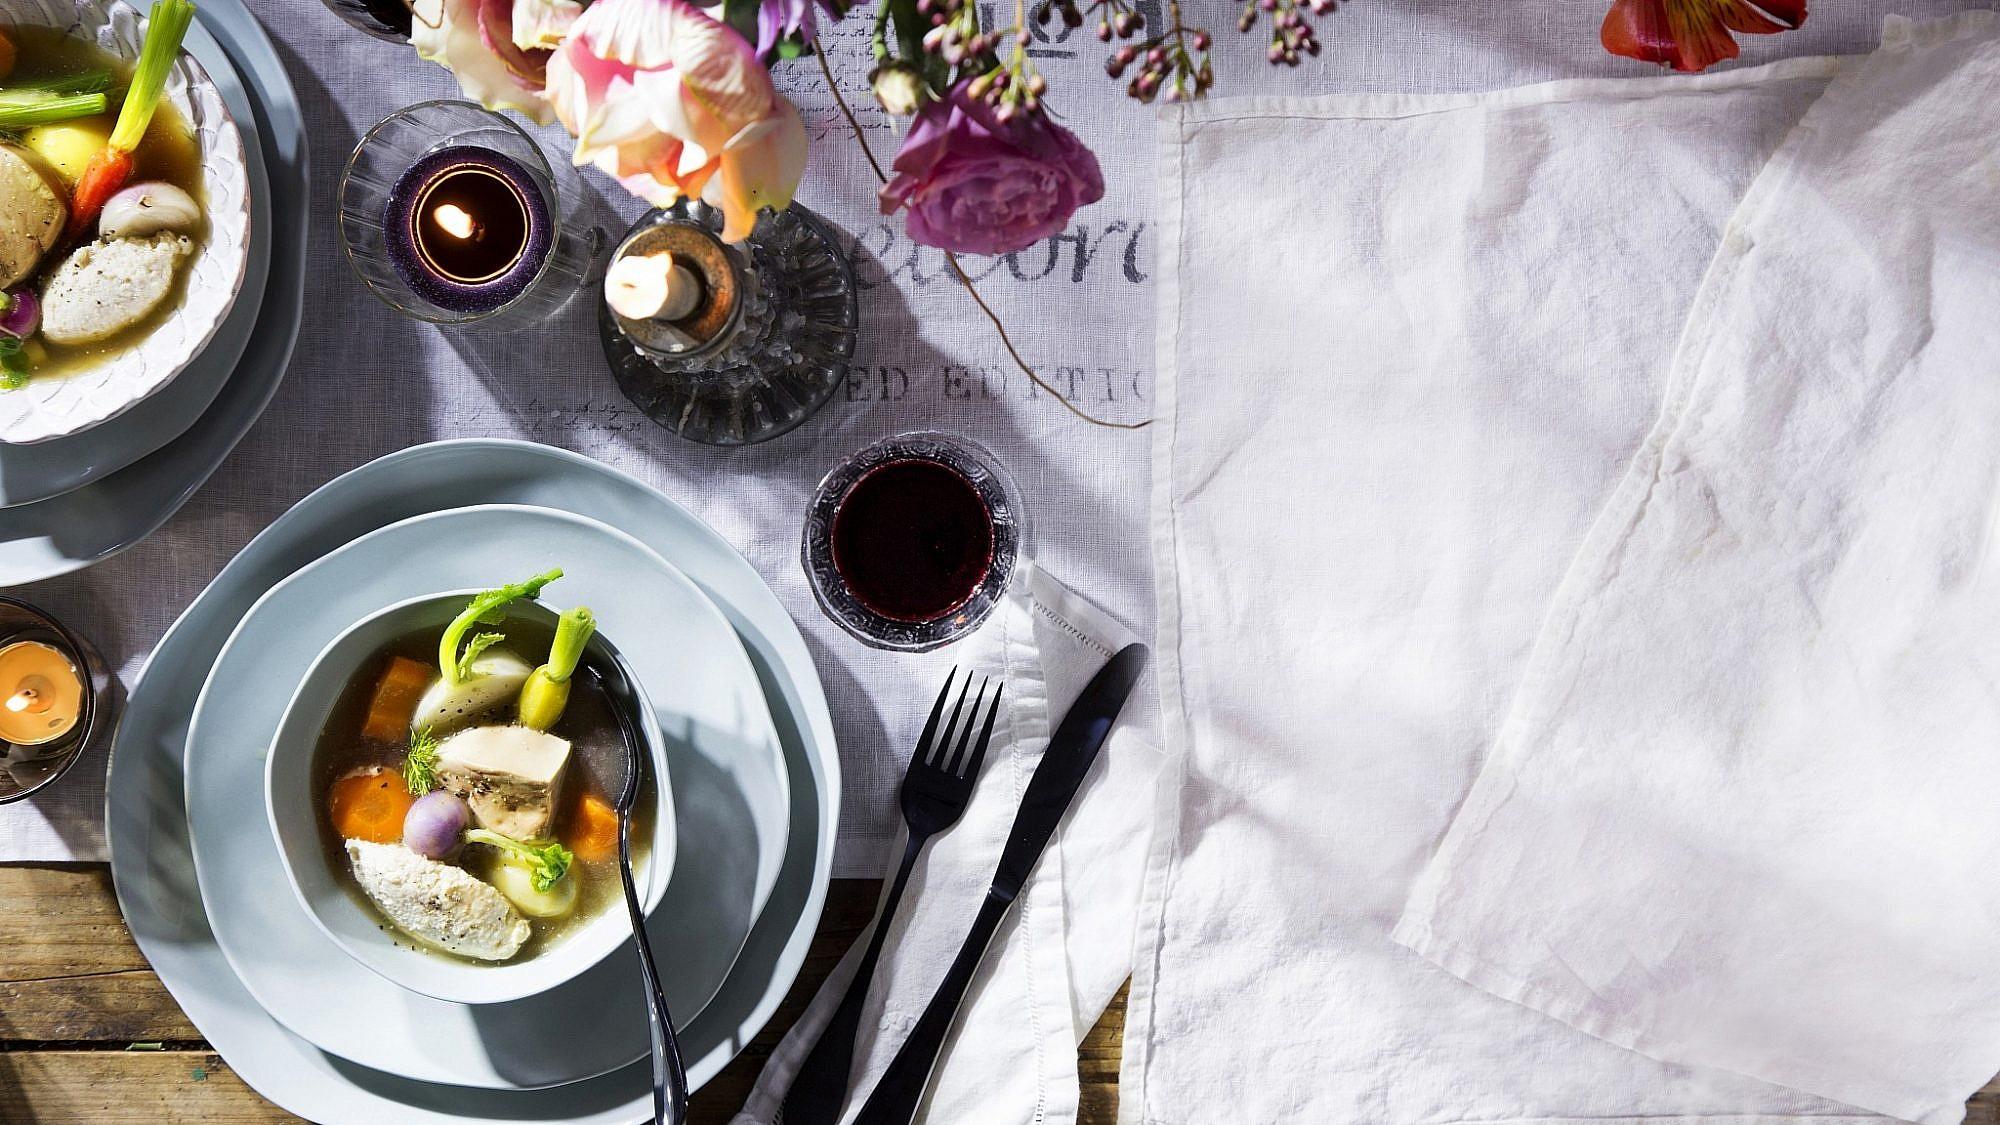 מרק בקר צח עם קנל עוף, ירקות שורש וכבד אווז של שף עינב אזגורי. צילום: דן לב. סטיילינג: דלית רוסו